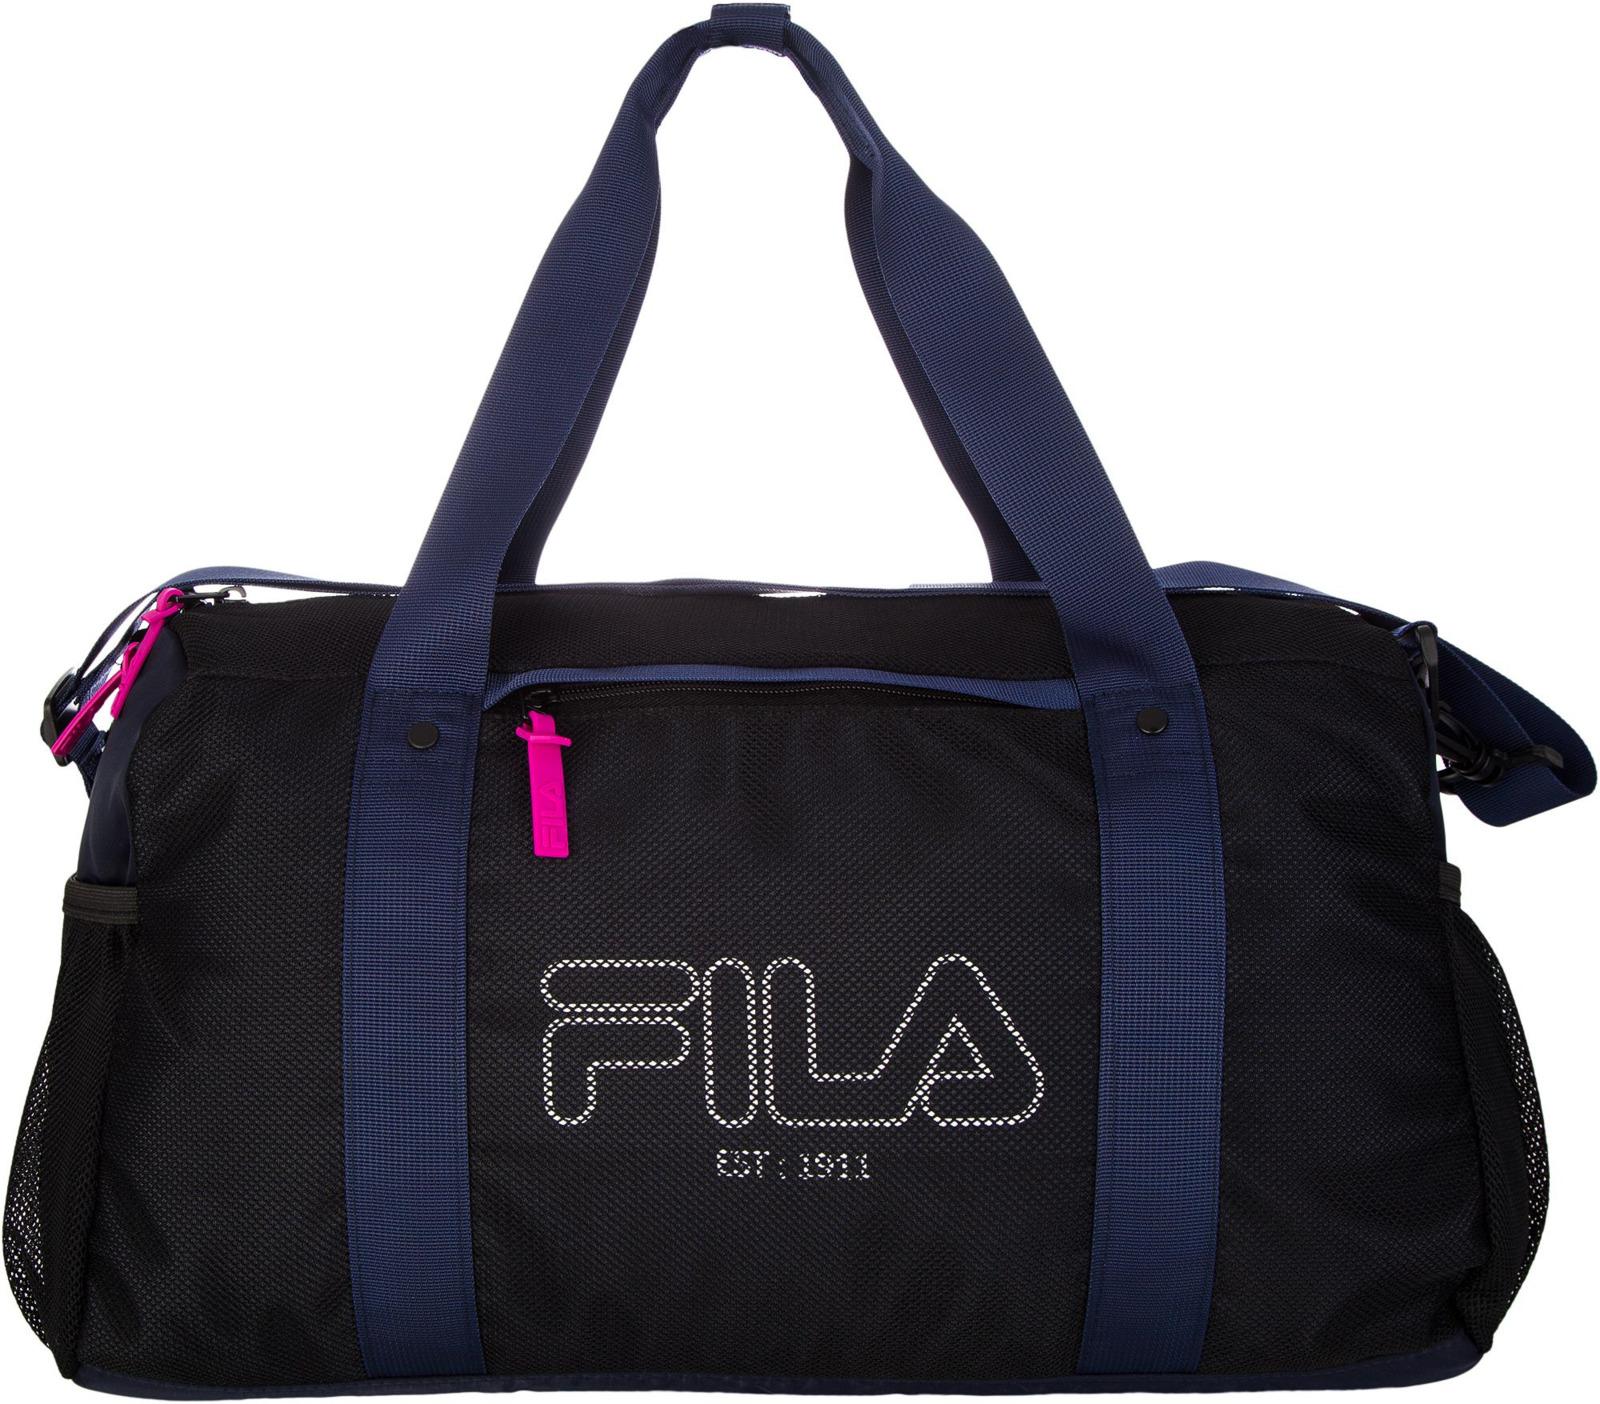 Сумка спортивная женская Fila Adult Bag, S19AFLBGU01-BM, 25 л, черный, синий, розовый шлепанцы мужские fila ultratouch slide цвет черный синий s19fflsp006 bm размер 43